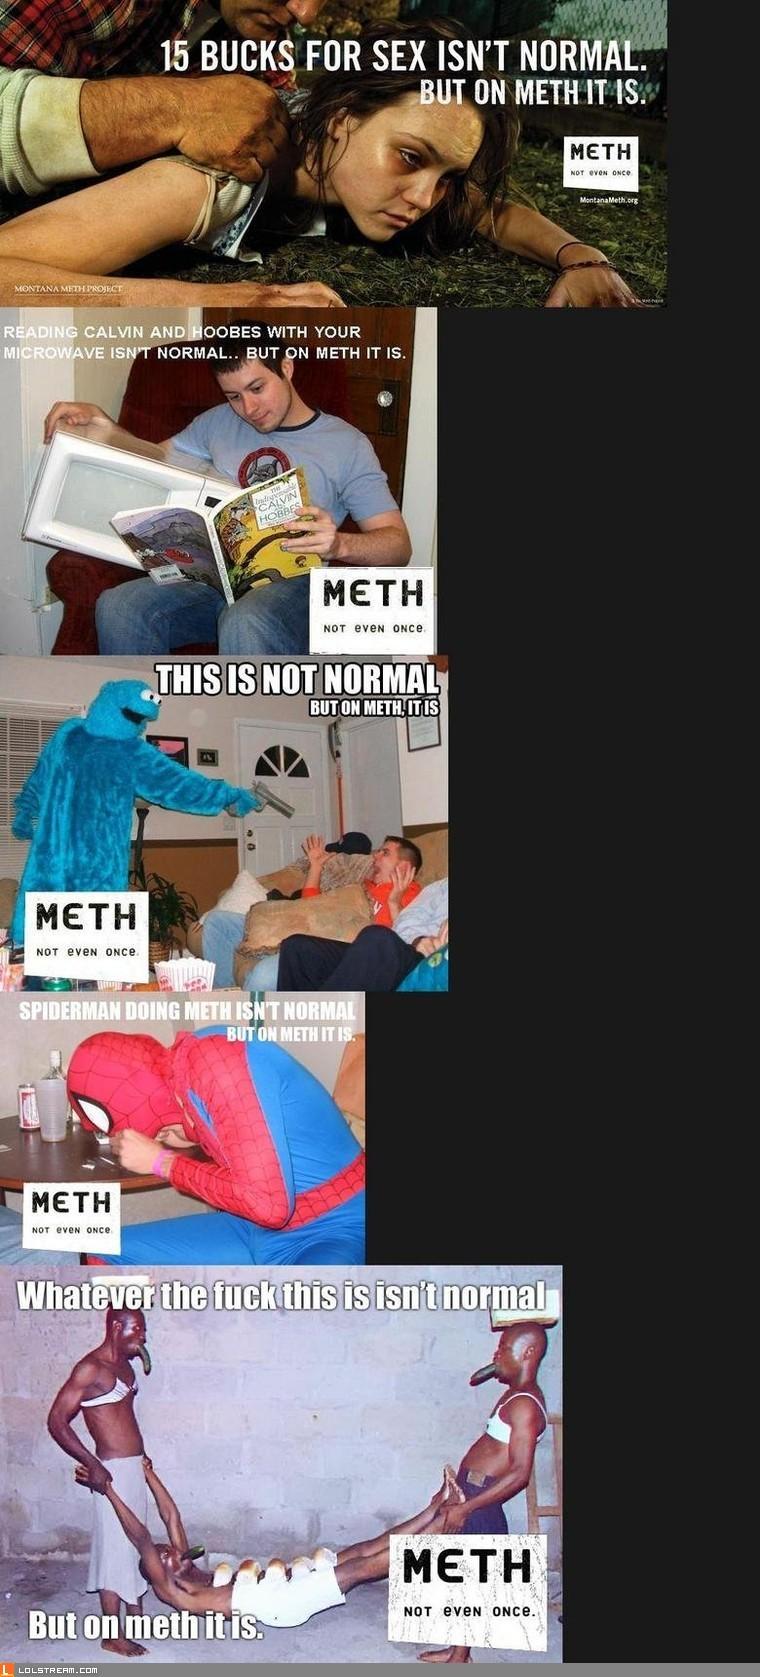 It's normal on meth